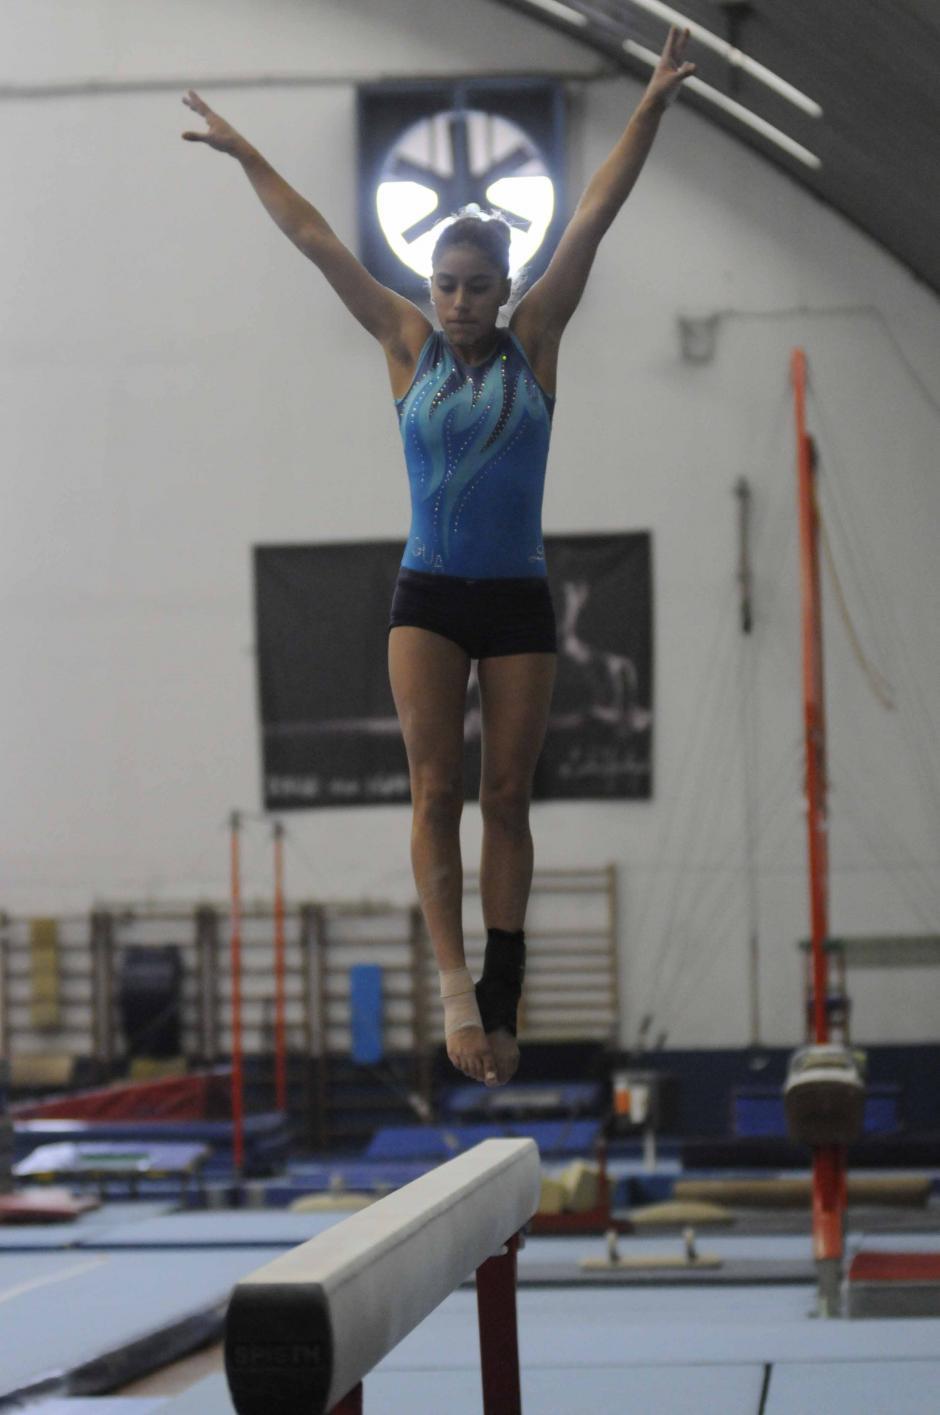 La gimnasta guatemalteca, de 20 años, busca clasificar a sus segundos Juegos Olímpicos. En Londres 2012 finalizó en el puesto 22. (Foto: Pedro Pablo Mijangos/Soy502)